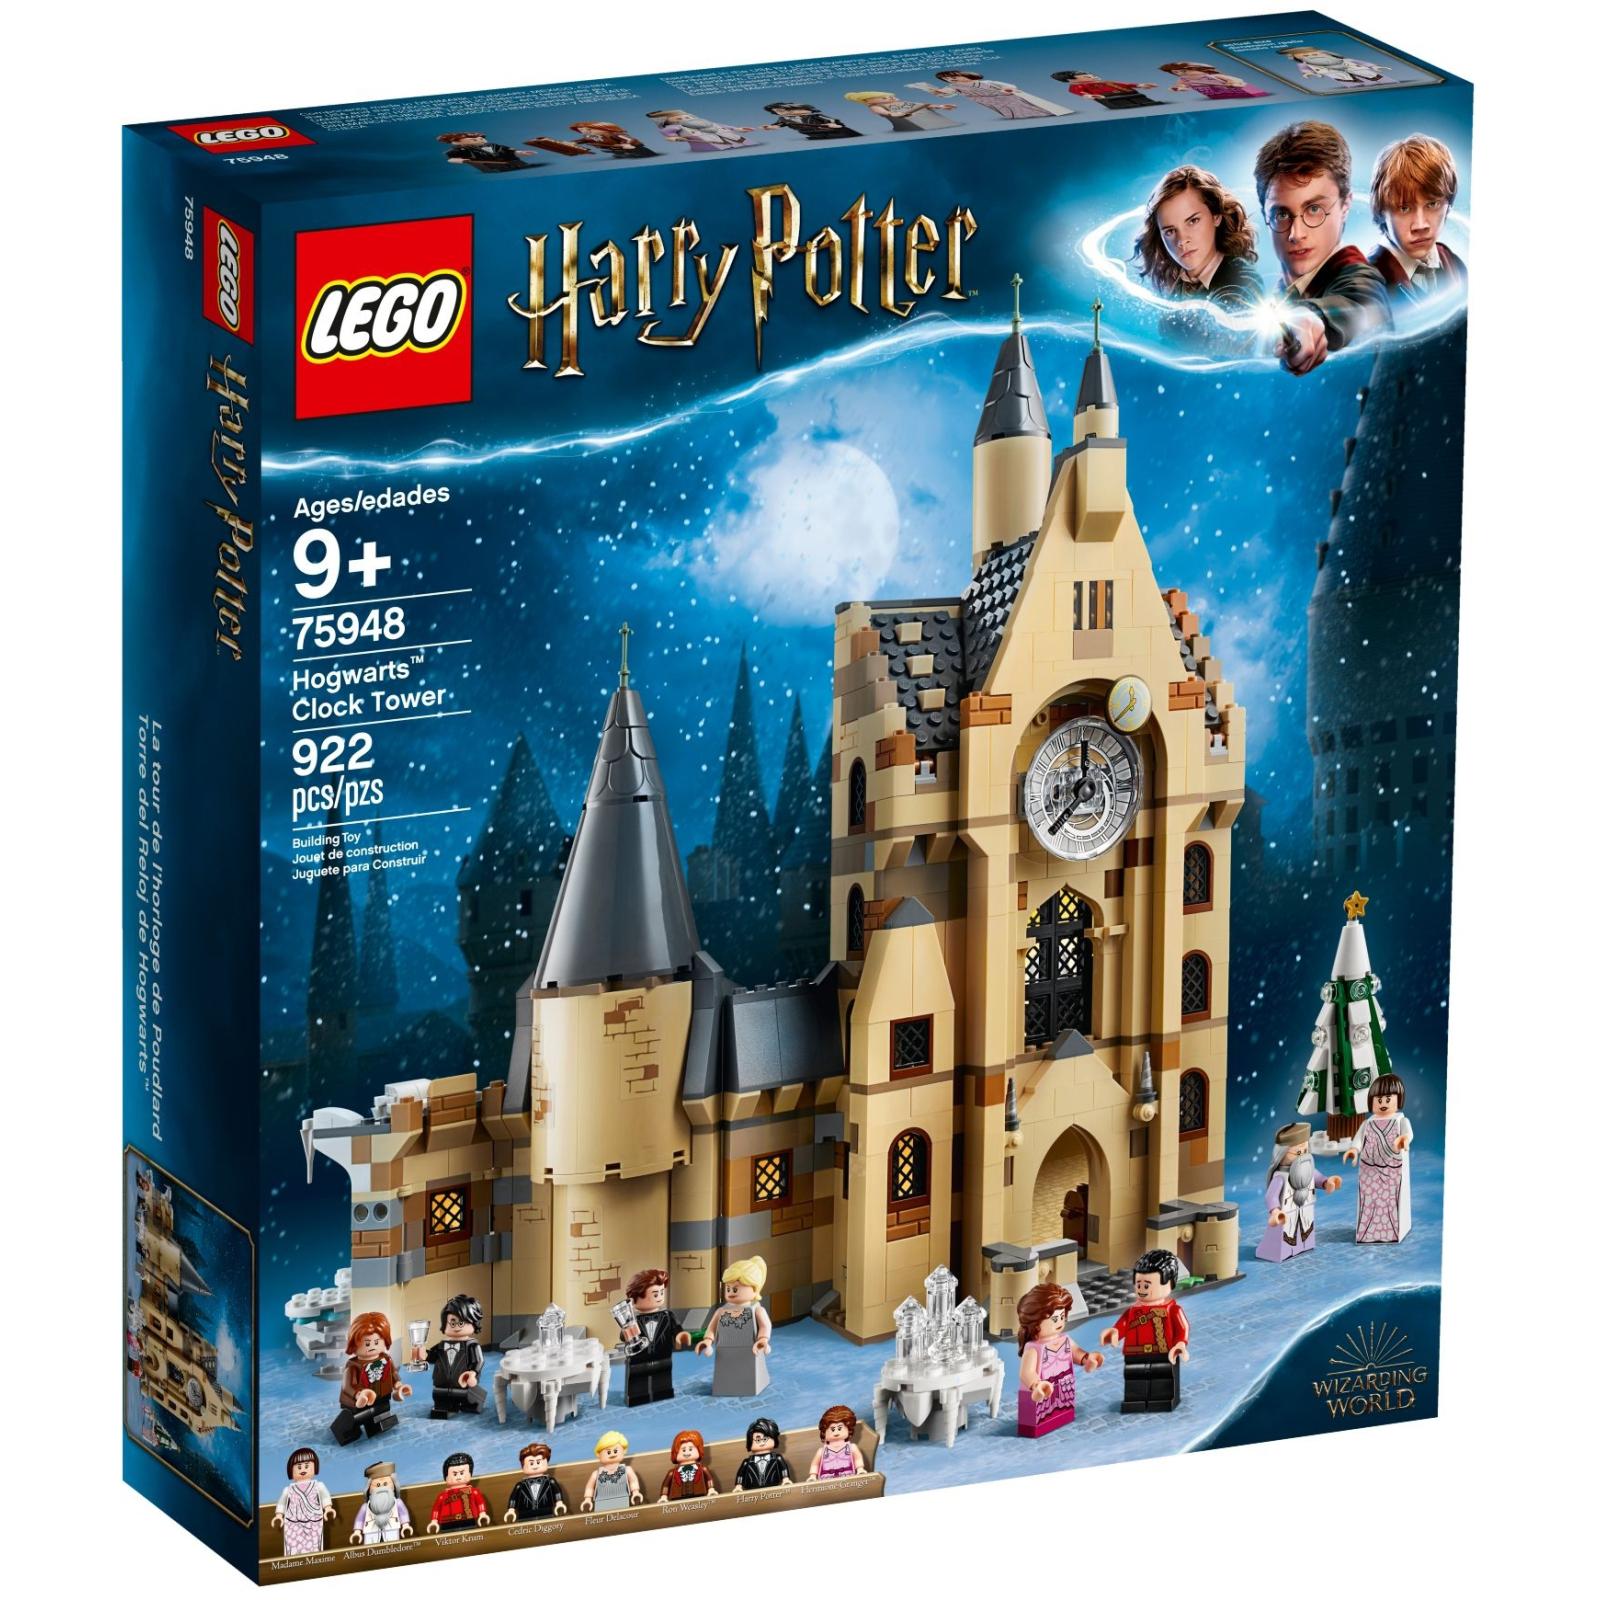 Конструктор LEGO Harry Potter Часовая башня Хогвартса 922 детали (75948)